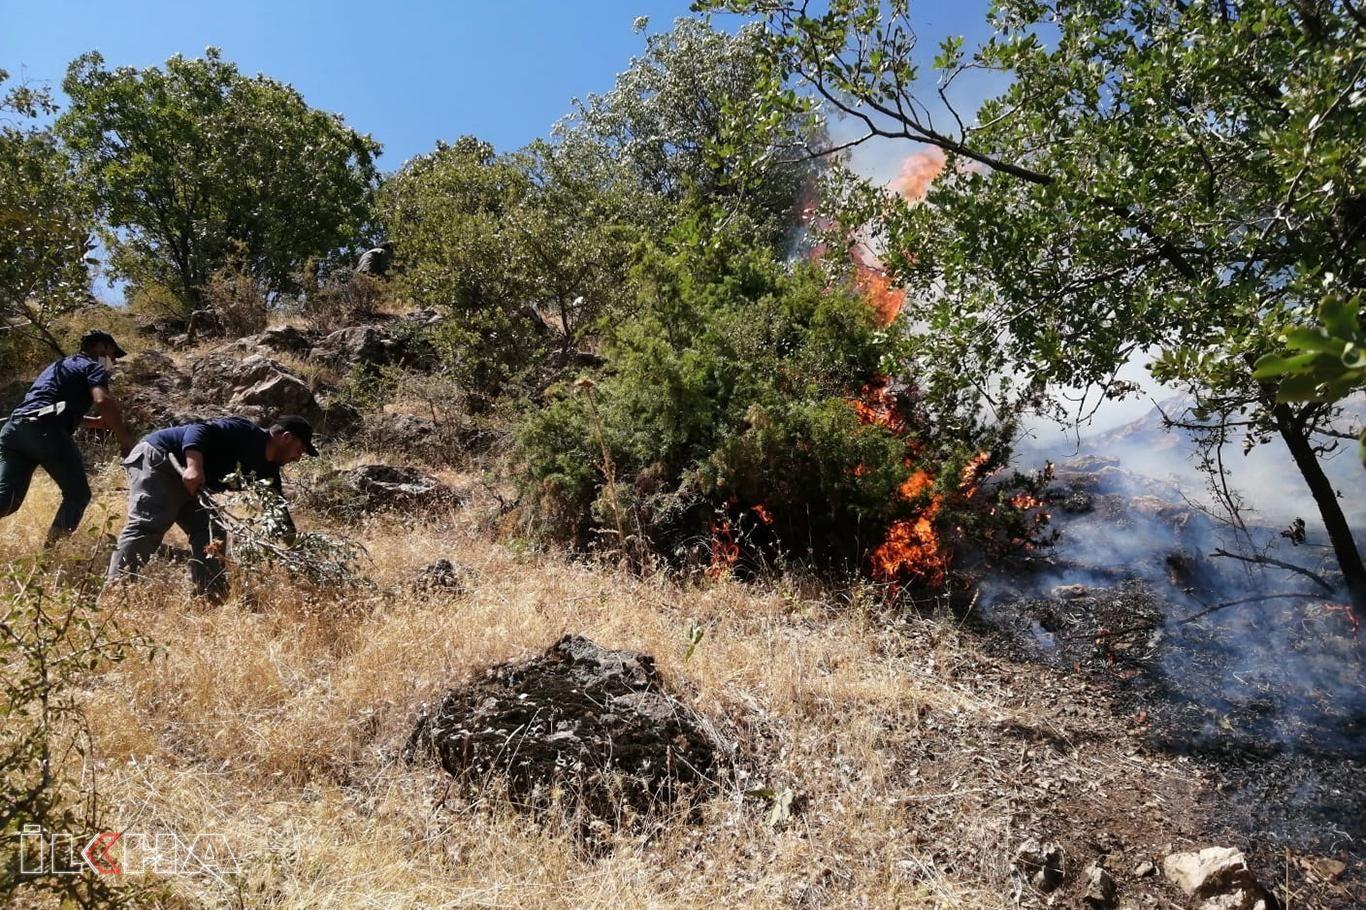 Siirtte çıkan orman yangını kontrol altına alındı